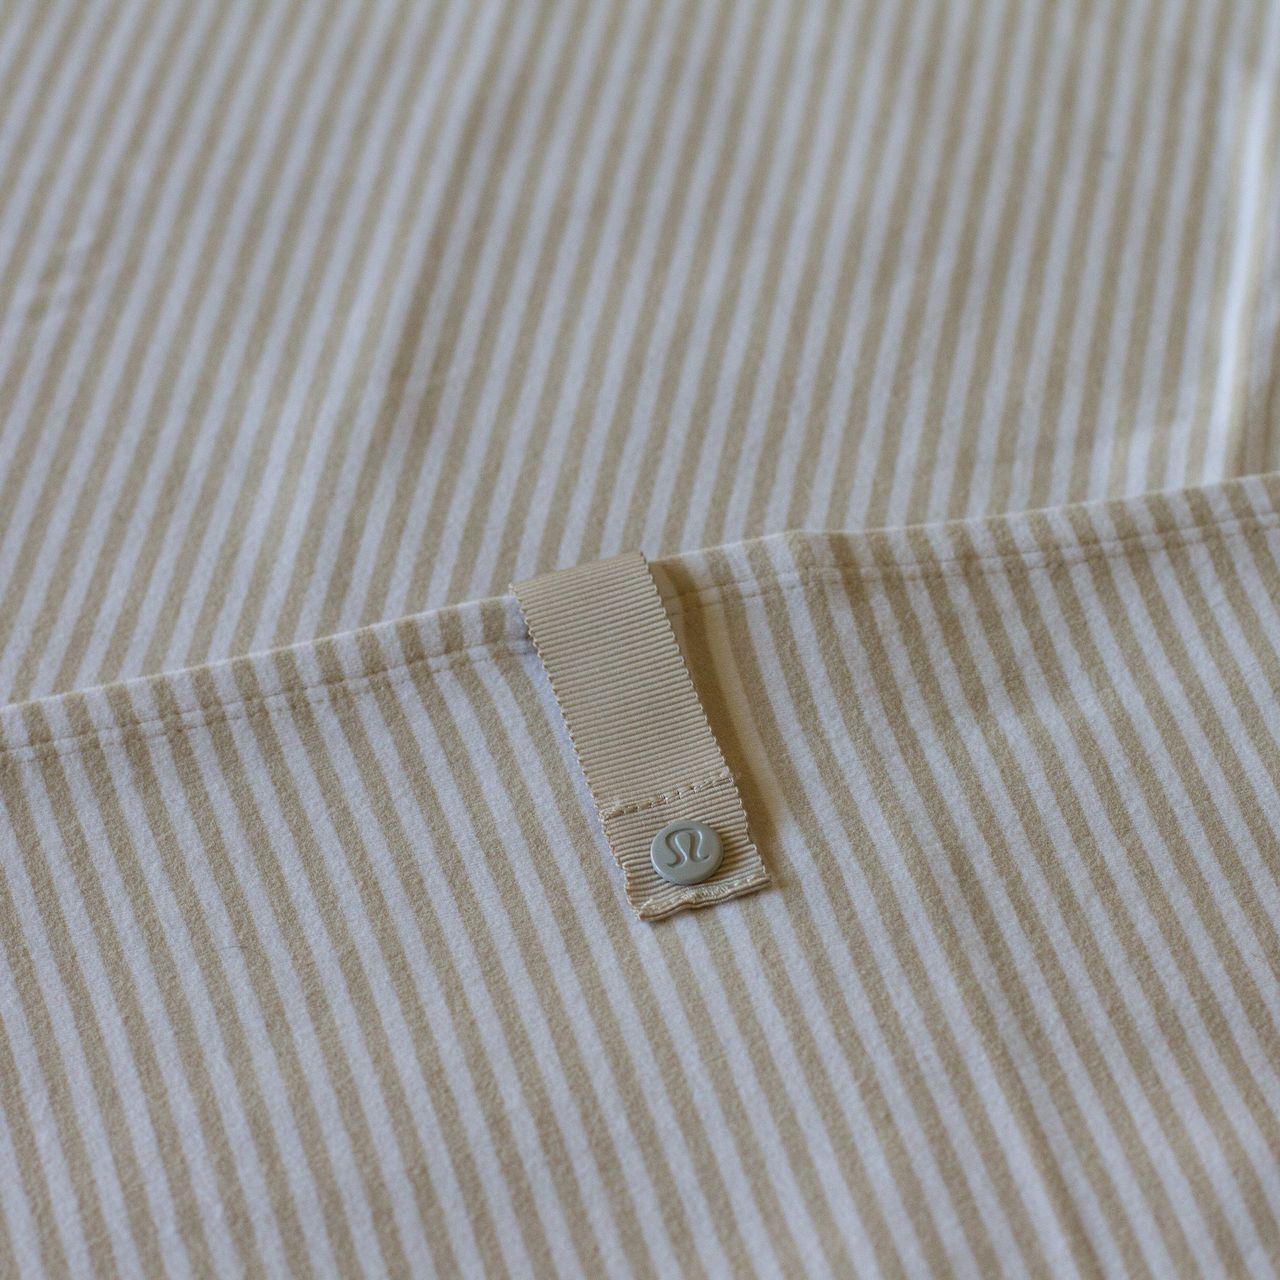 Lululemon Vinyasa Scarf *Rulu - Heathered Cashew / 1/8 Stripe Heathered Cashew White